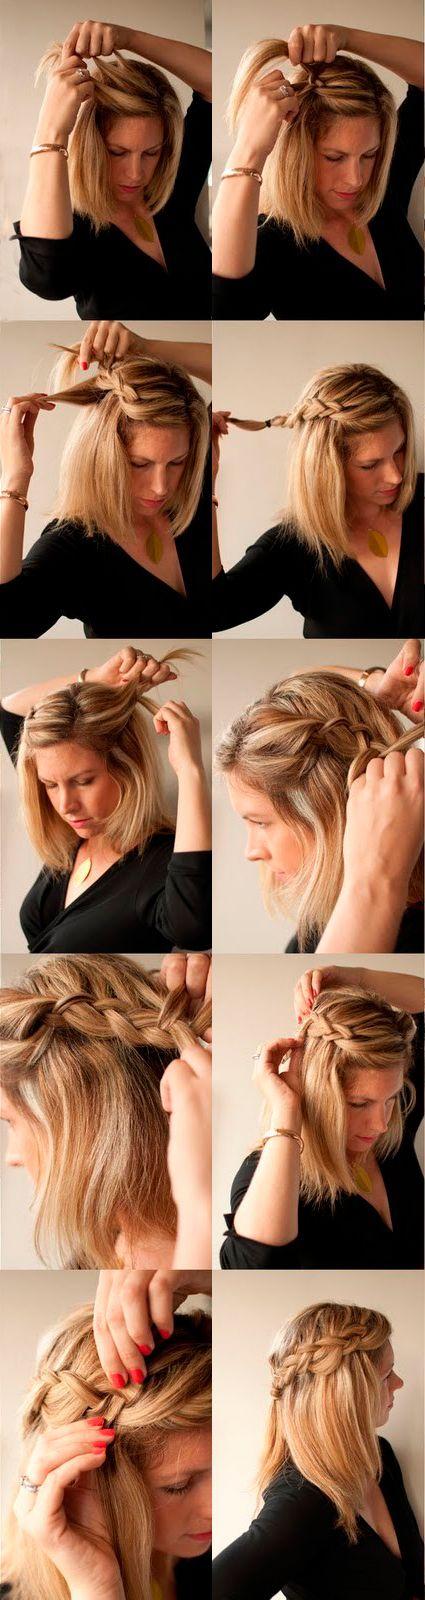 Легкие повседневные прически на средние волосы своими руками в школу 71